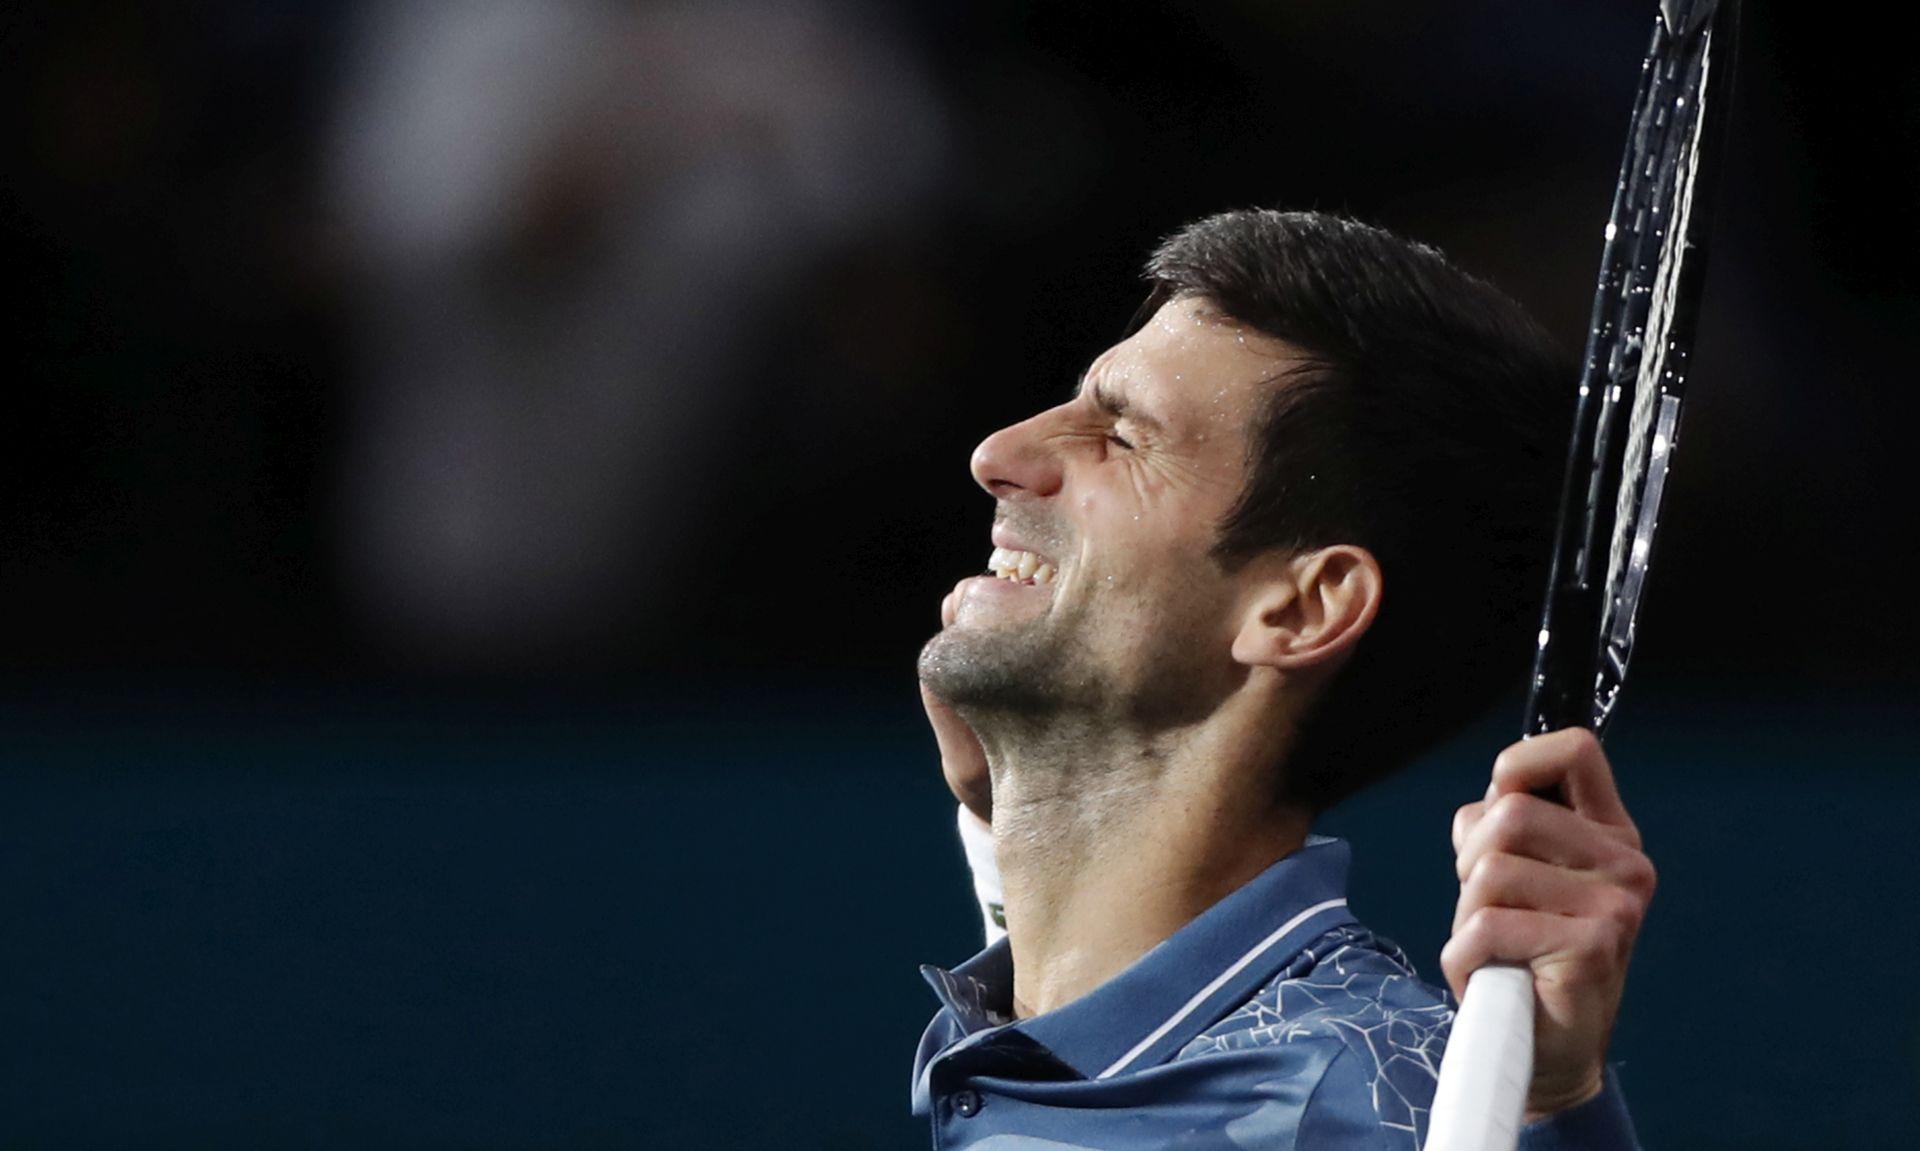 Konta izbacila Kvitovu, Đoković lako u četvrtfinale